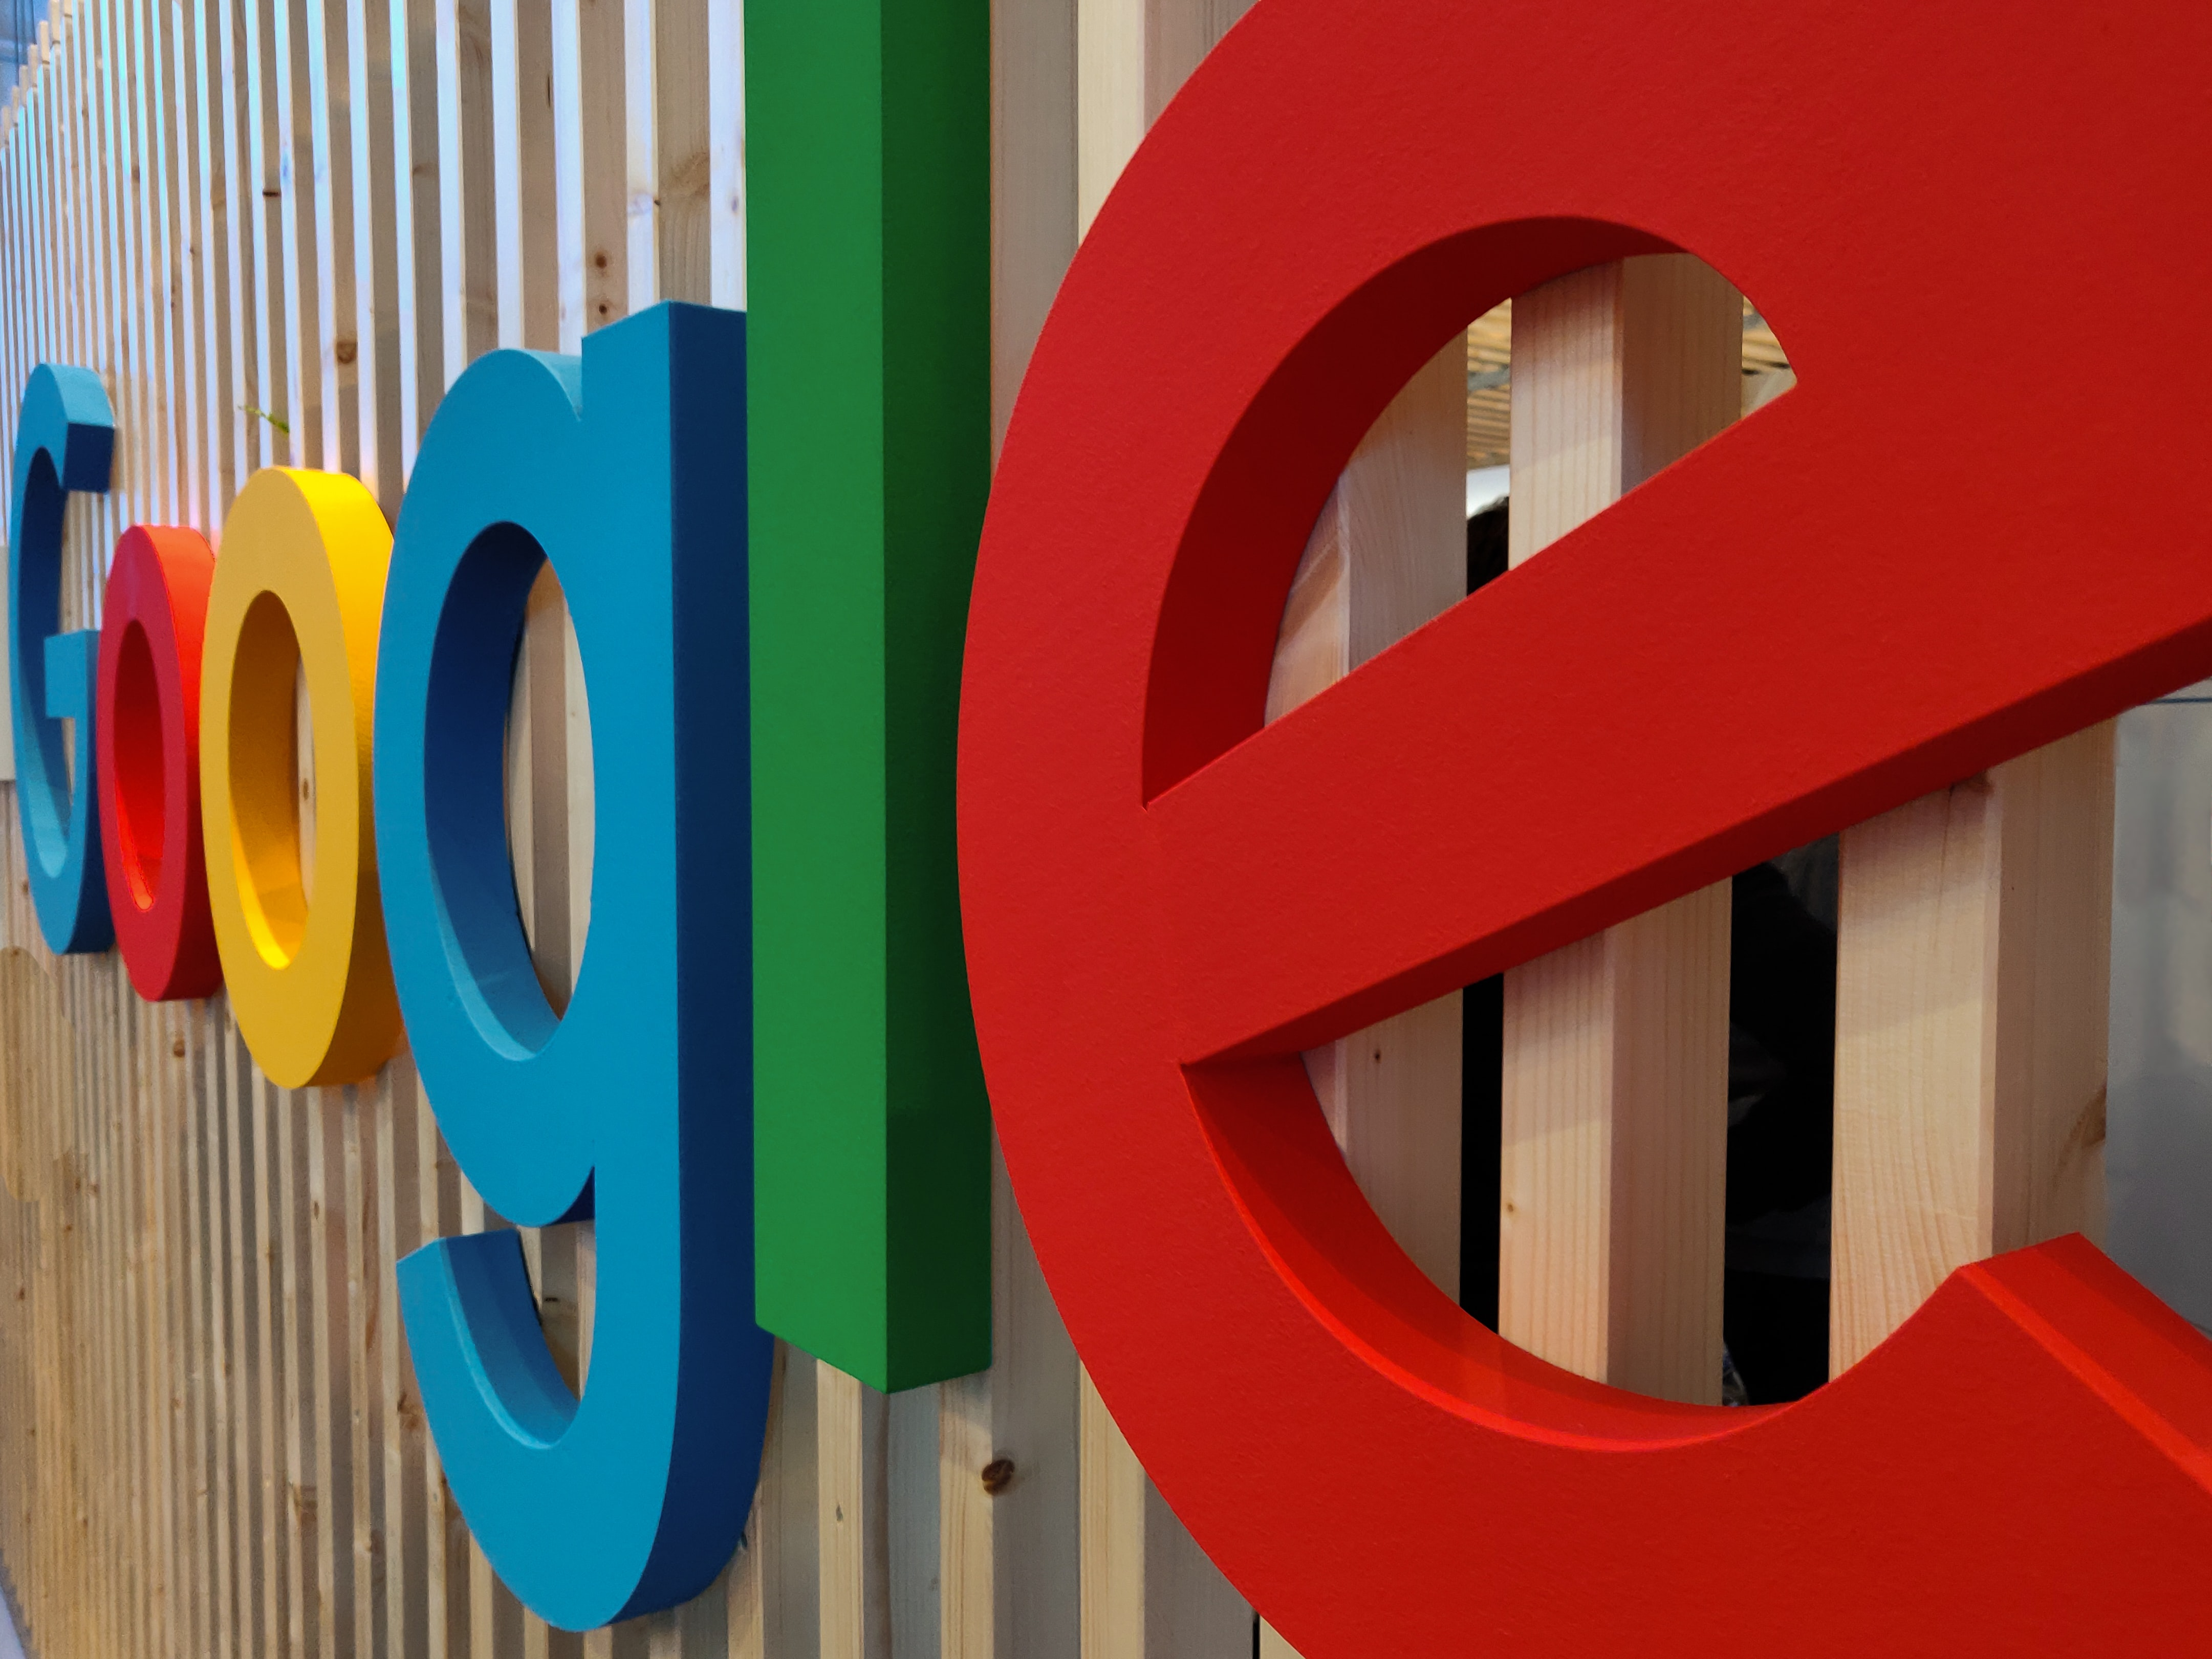 Google Colorful Logo on Wood Background